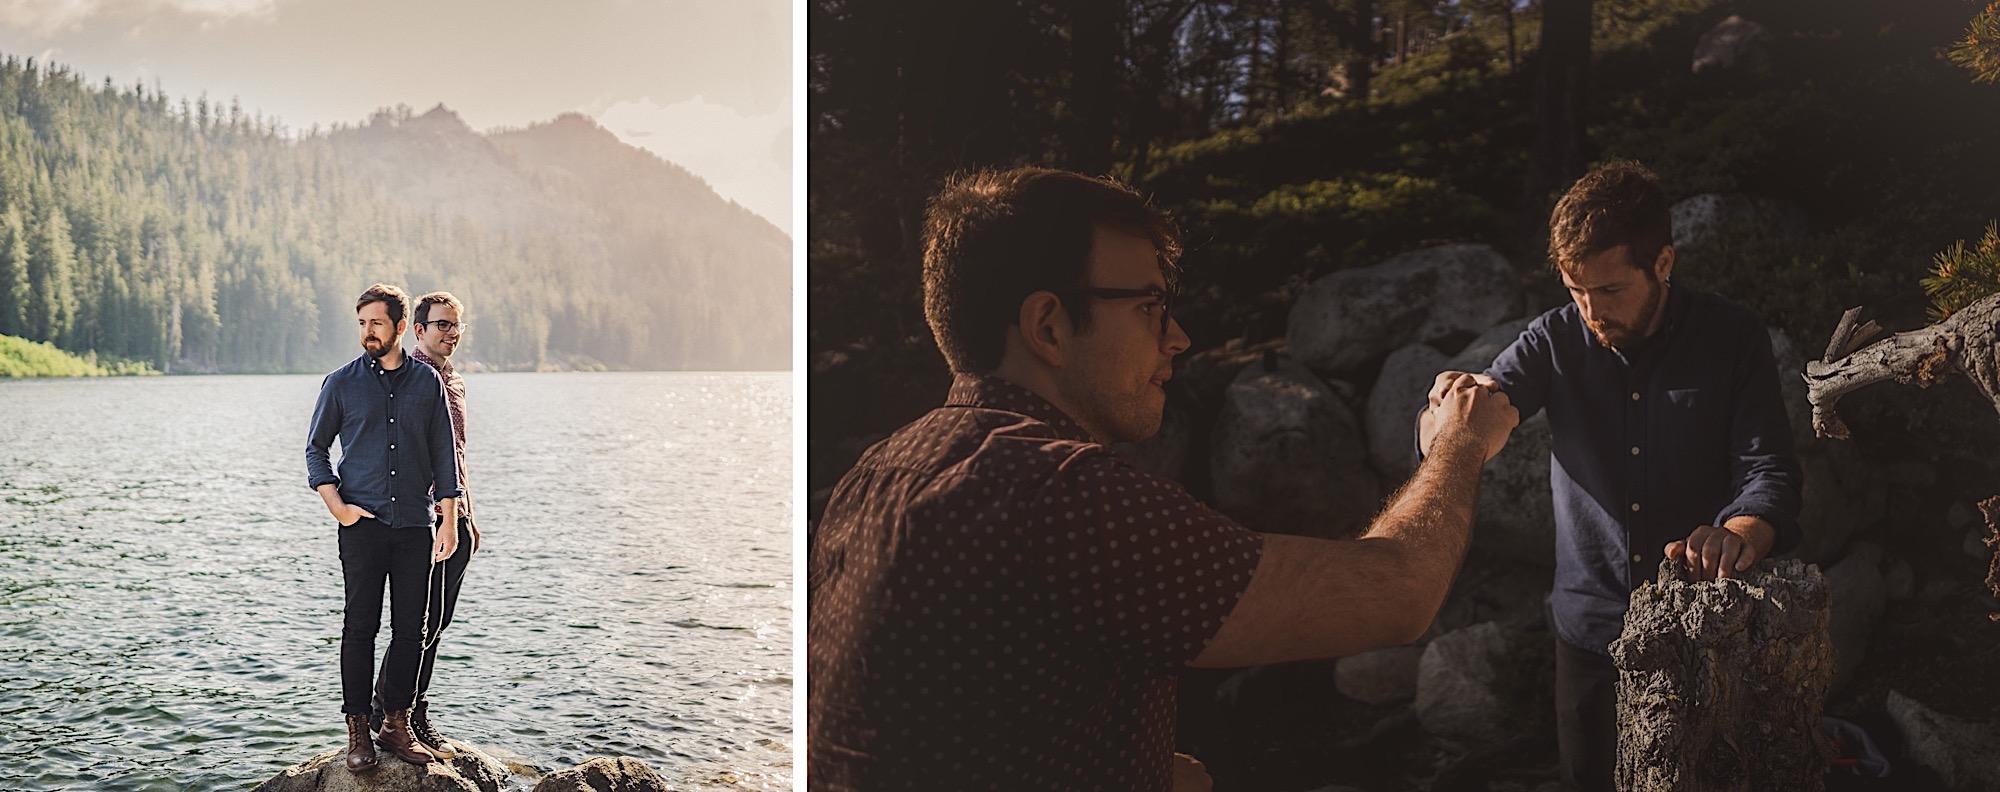 04_Lake_Tahoe.jpg